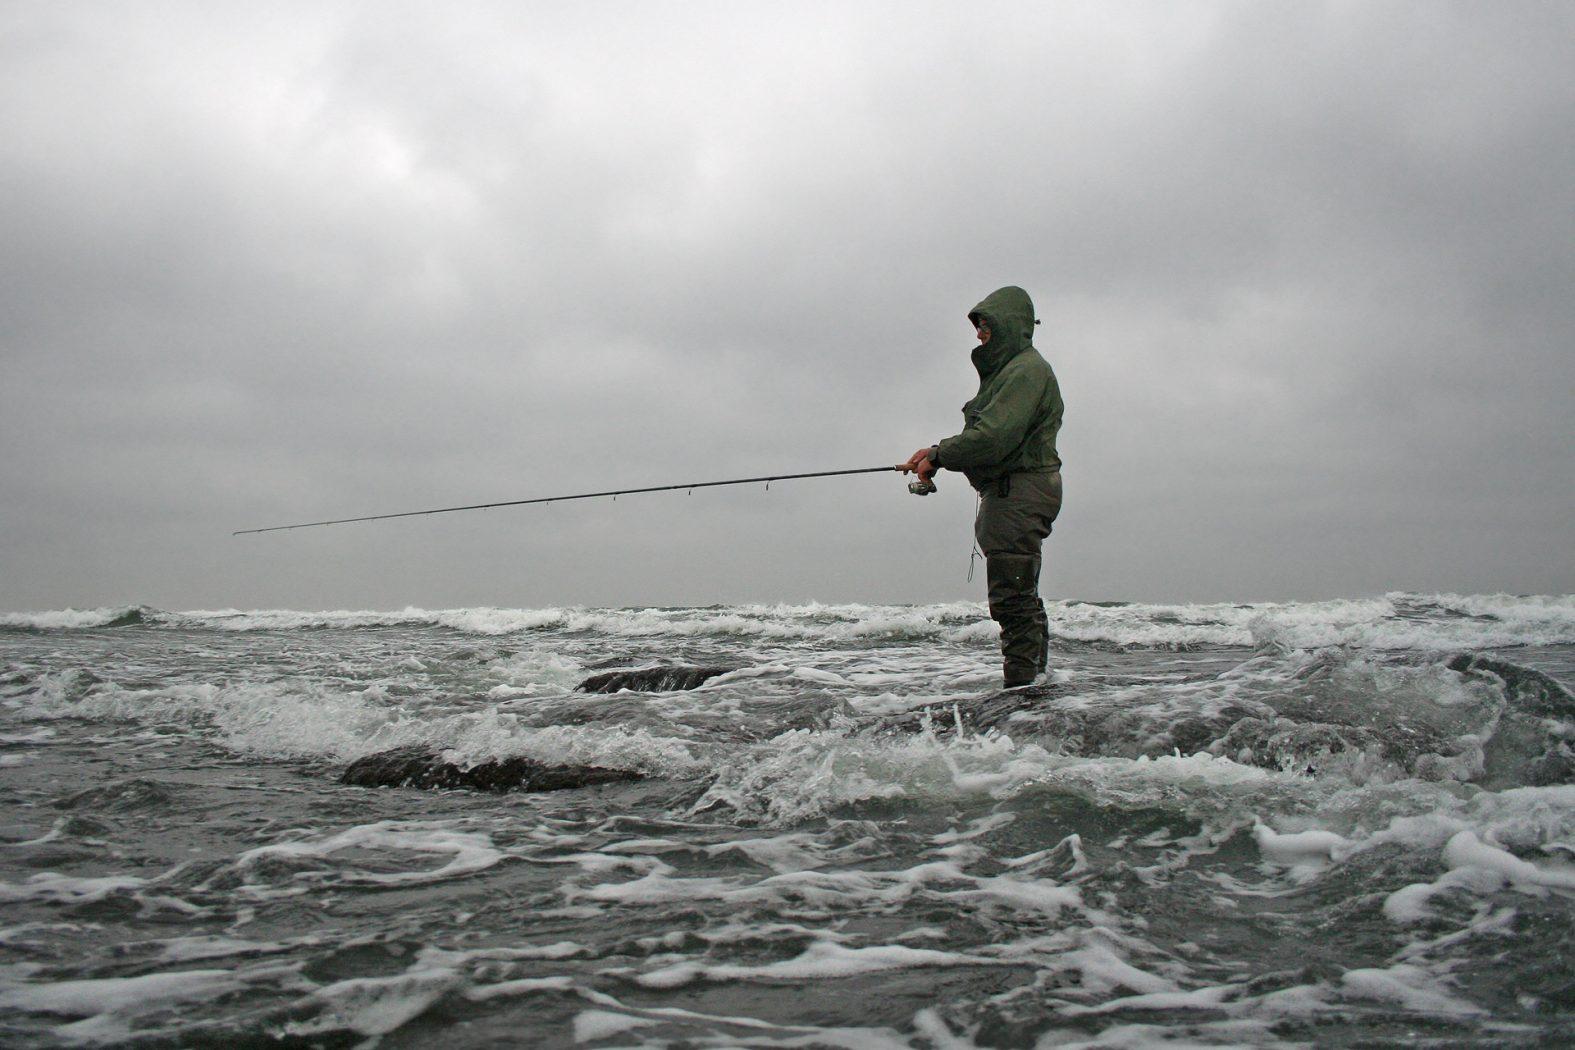 angeln mit sbirolino im winter